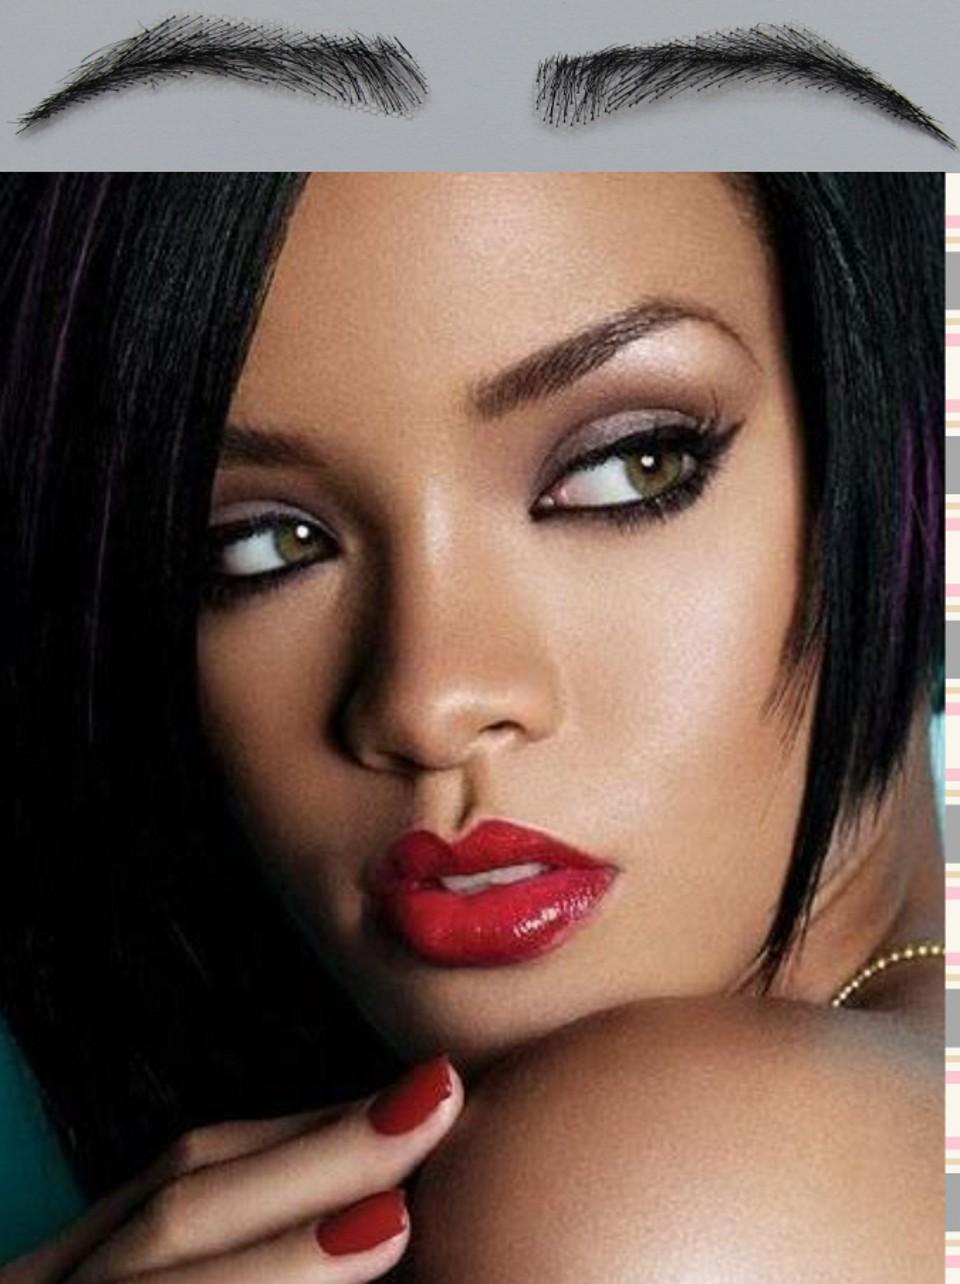 Rihanna Style Henna Eyebrows Black Color Human Hair False Eyebrow